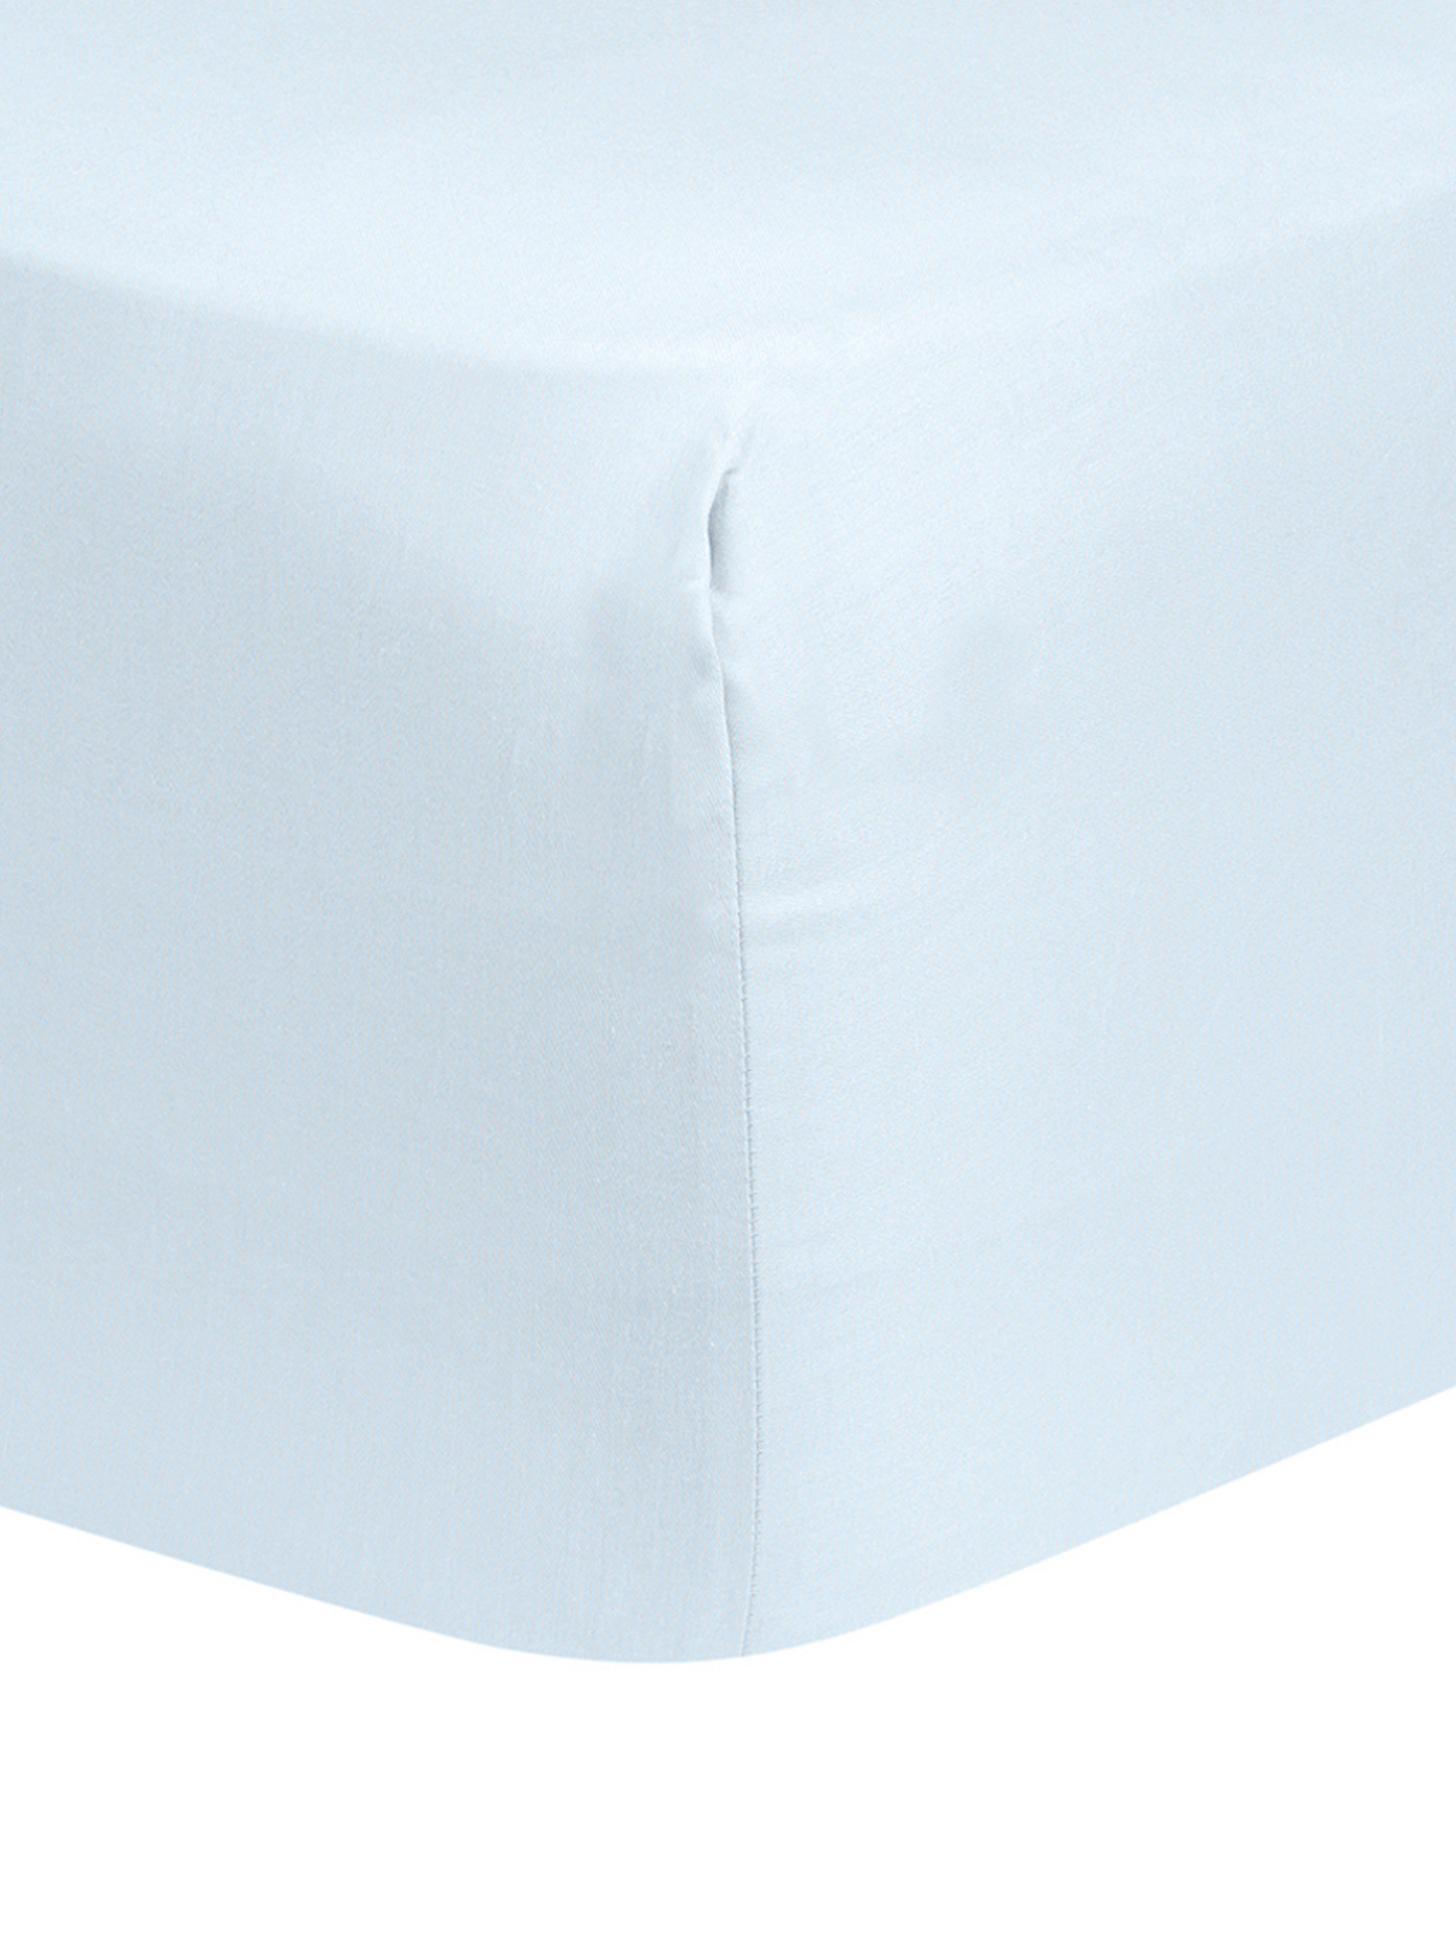 Spannbettlaken Comfort, Baumwollsatin, Webart: Satin, leicht glänzend, Hellblau, 140 x 200 cm